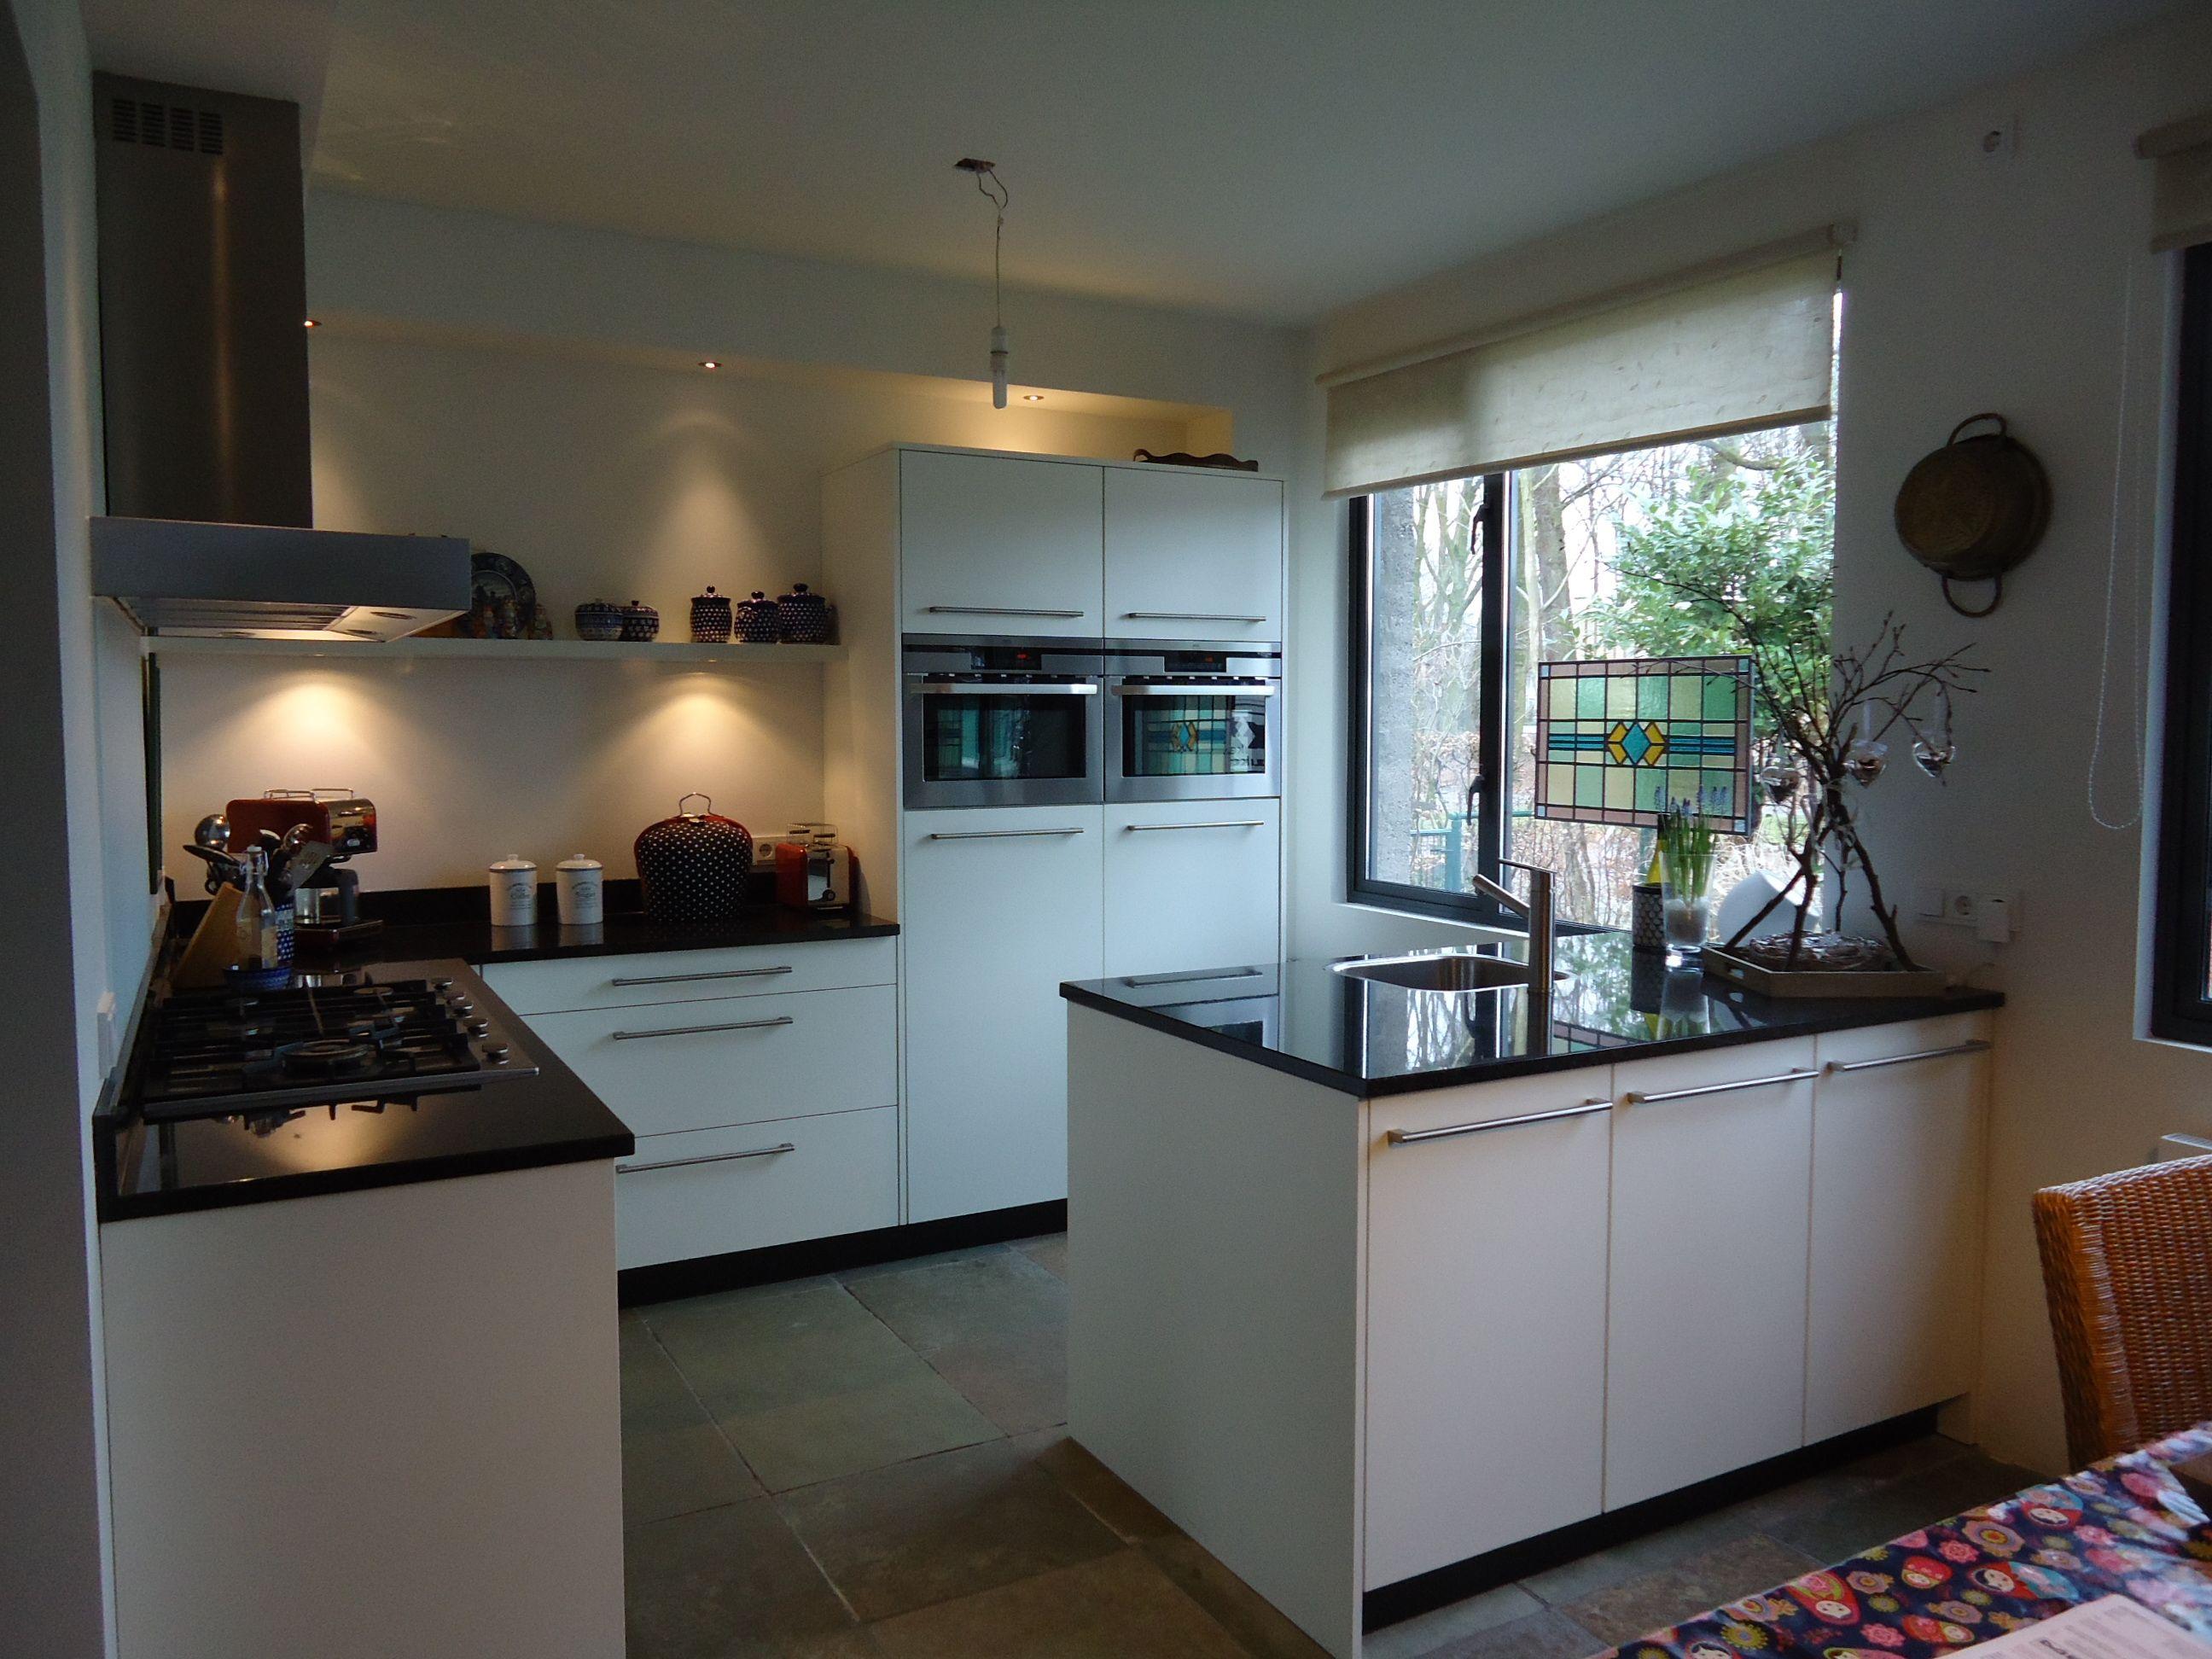 Kookeiland Kleine Keuken : Inrichtingstips voor een kleine keuken keuken livios